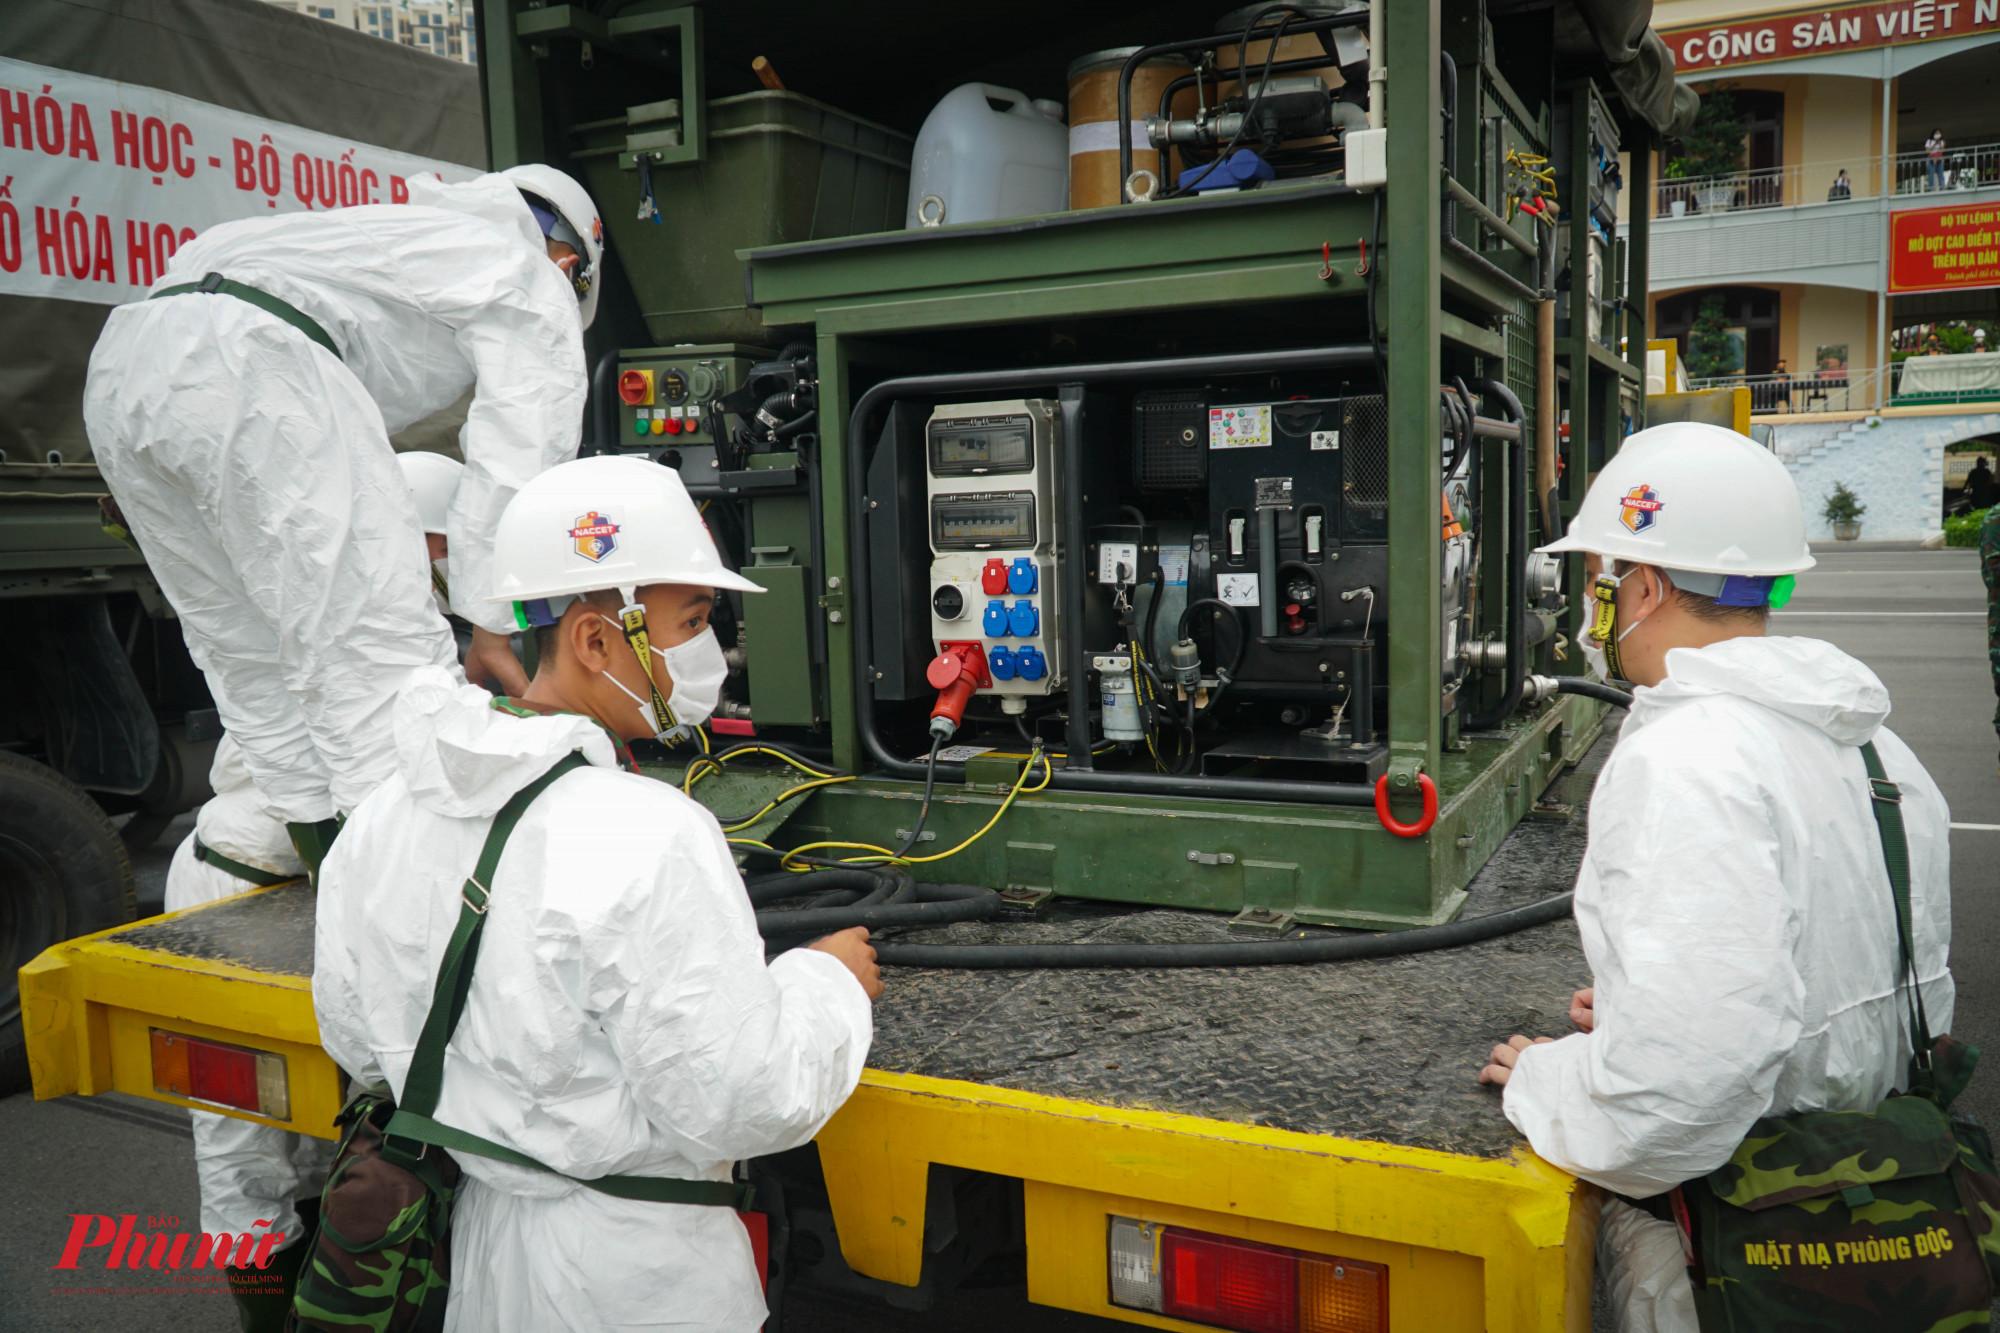 Lực lượng phun tiêu độc khử khuẩn tiến hành kiểm tra các thiết bị phun